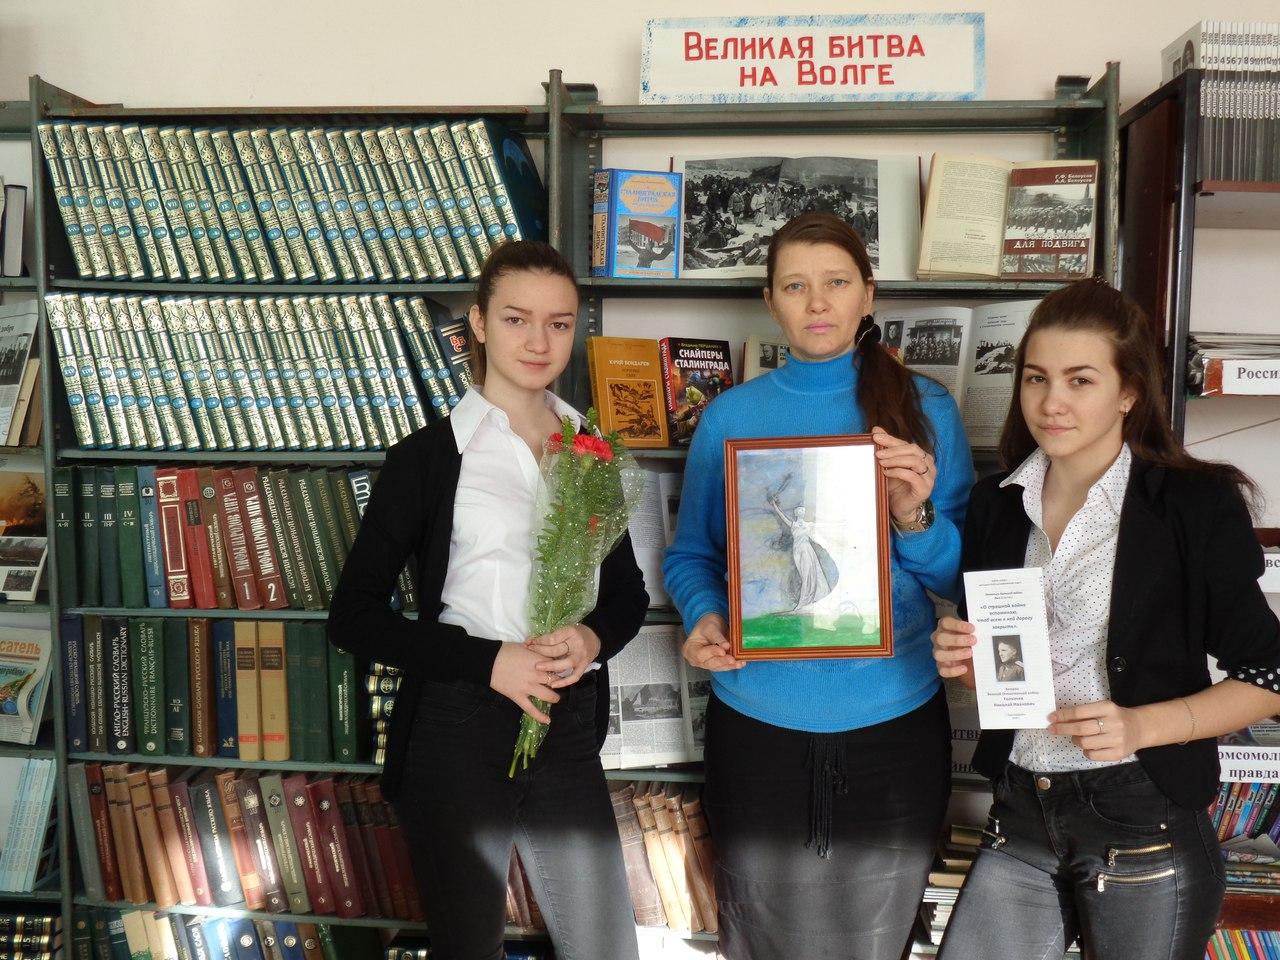 Юные волонтёры преподнесли также герою Сталинградской битвы букет алых гвоздик как символ уважения и благодарности за его ратный подвиг во имя жизни на земле